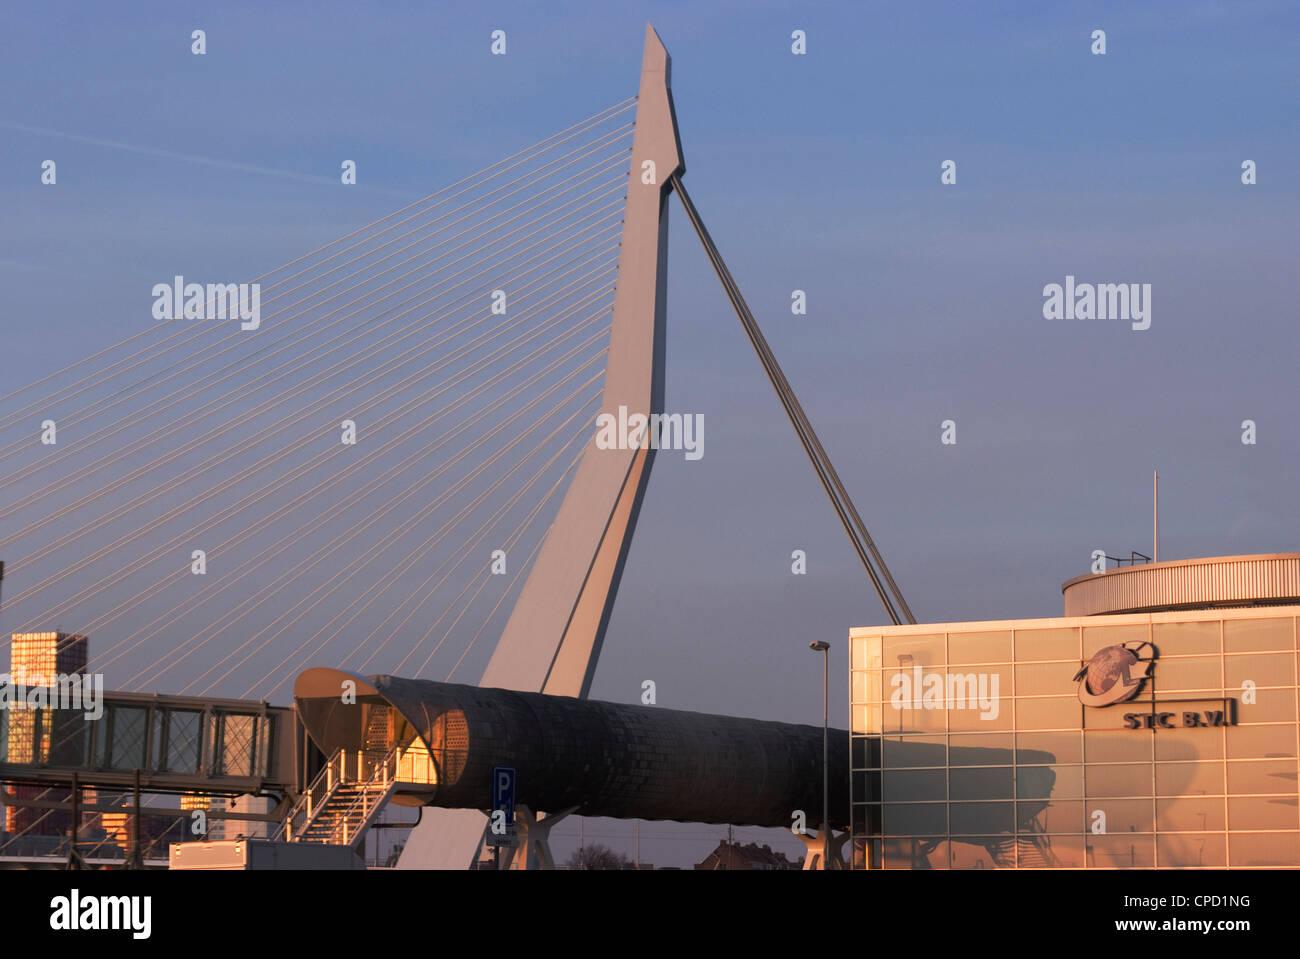 Der legendäre Erasmus-Brücke, eines der Wahrzeichen der Stadt, über den Fluss Maas, Rotterdam, Niederlande, Stockbild